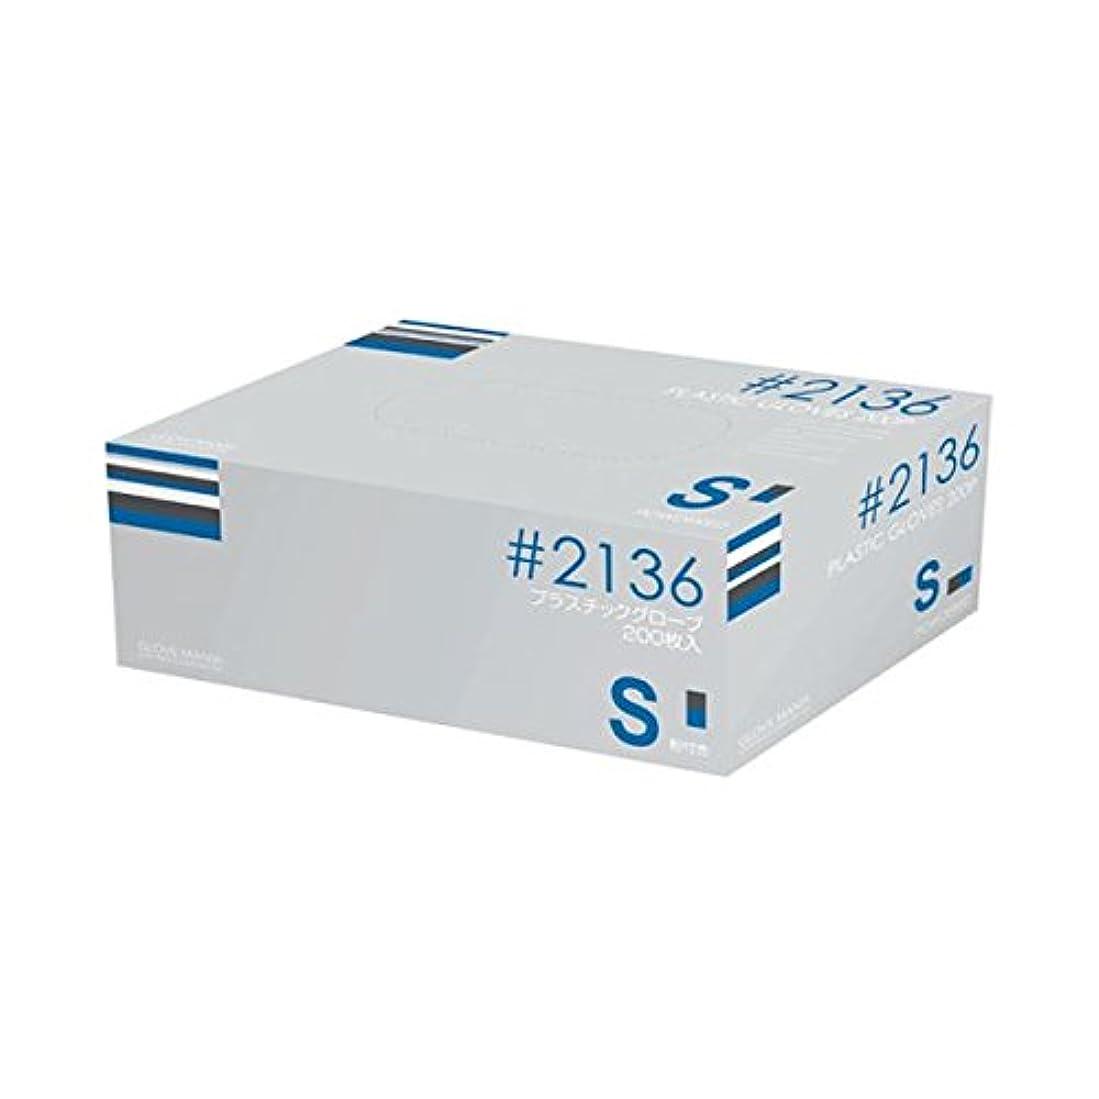 最終的に音声学ありふれた川西工業 プラスティックグローブ #2136 S 粉付 15箱 ダイエット 健康 衛生用品 その他の衛生用品 14067381 [並行輸入品]